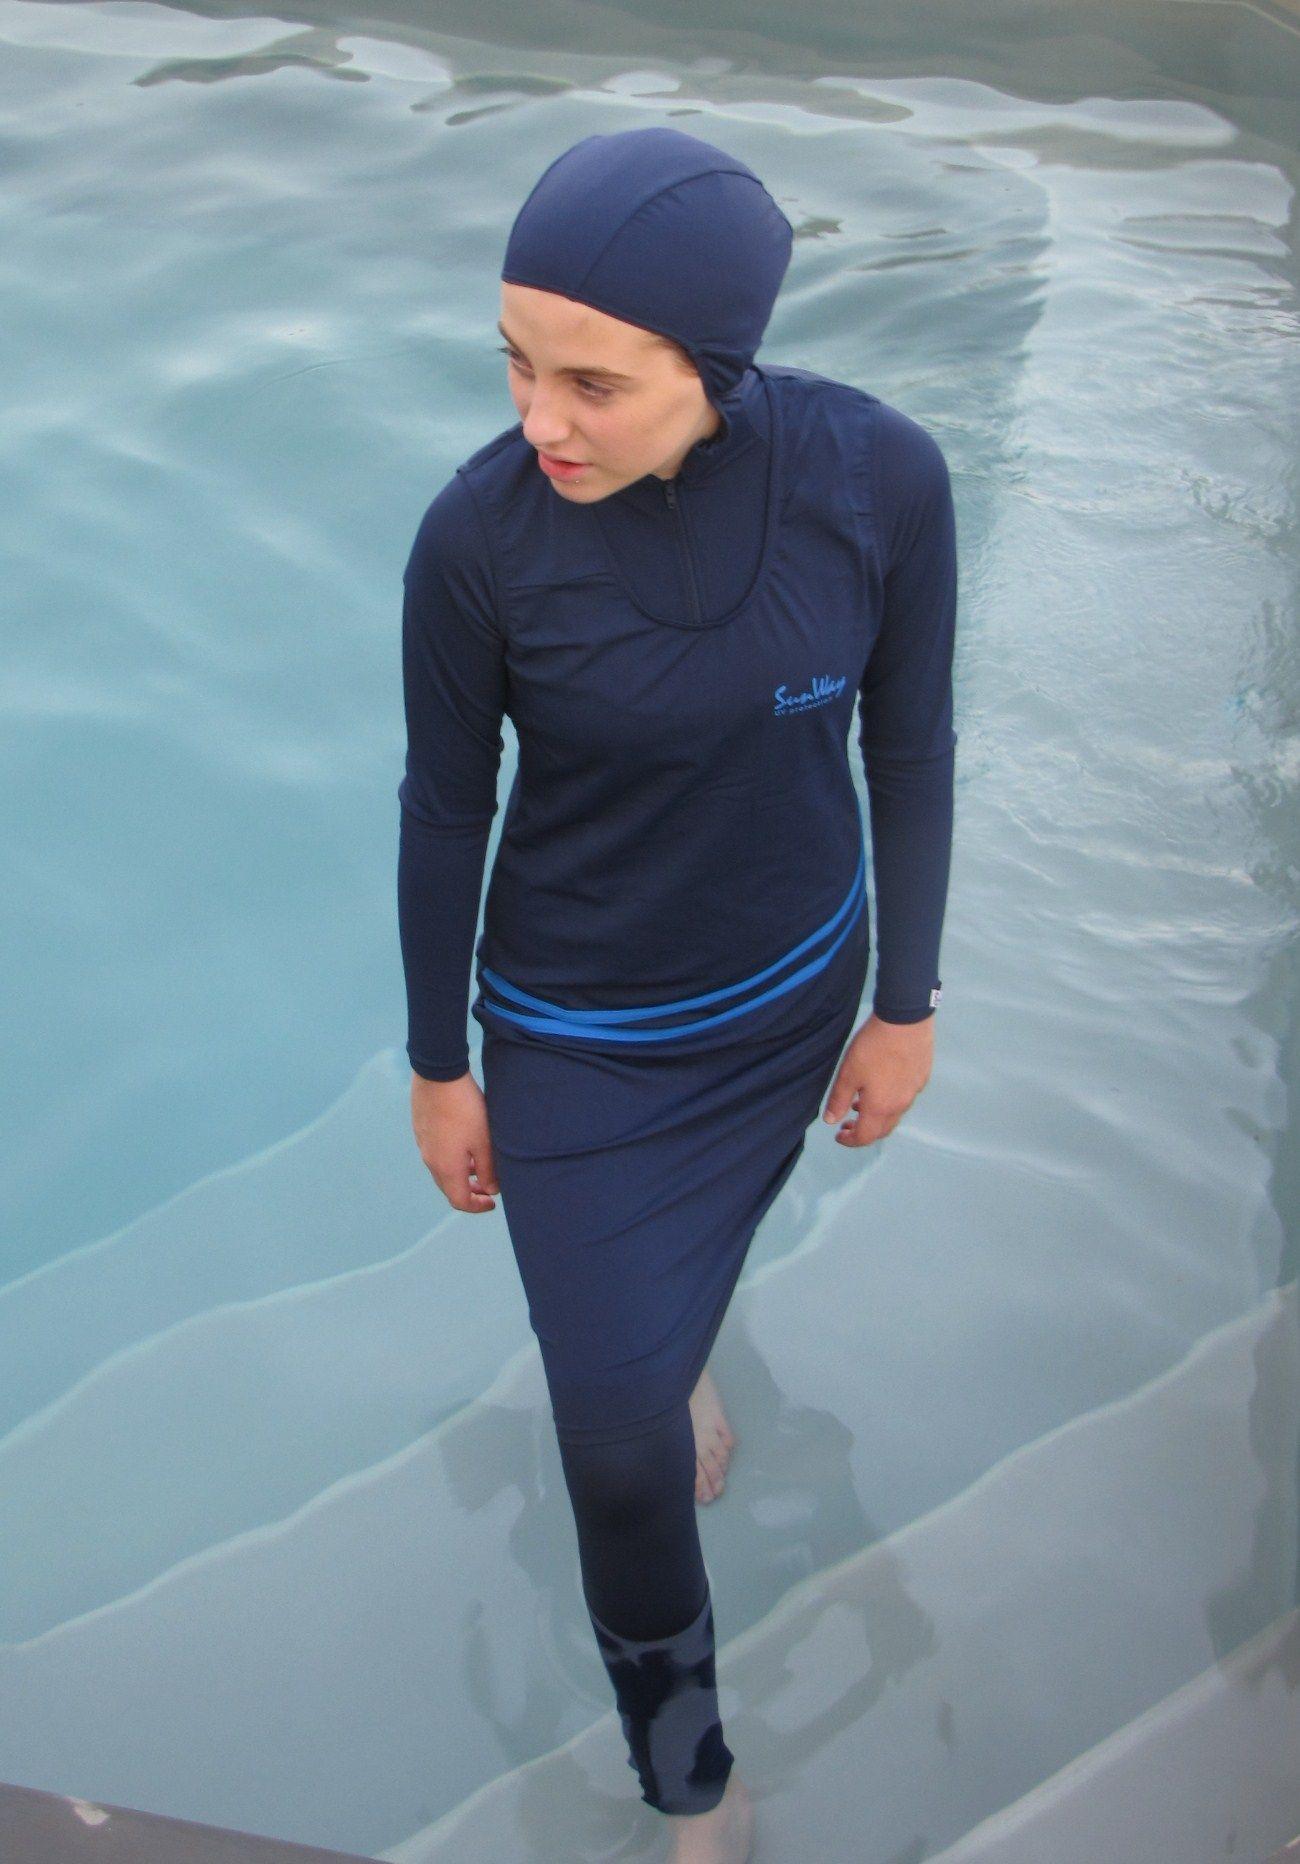 5f3bf2aba028d Burqini swimwear covers the entire body, including the head. #burqini # burkini